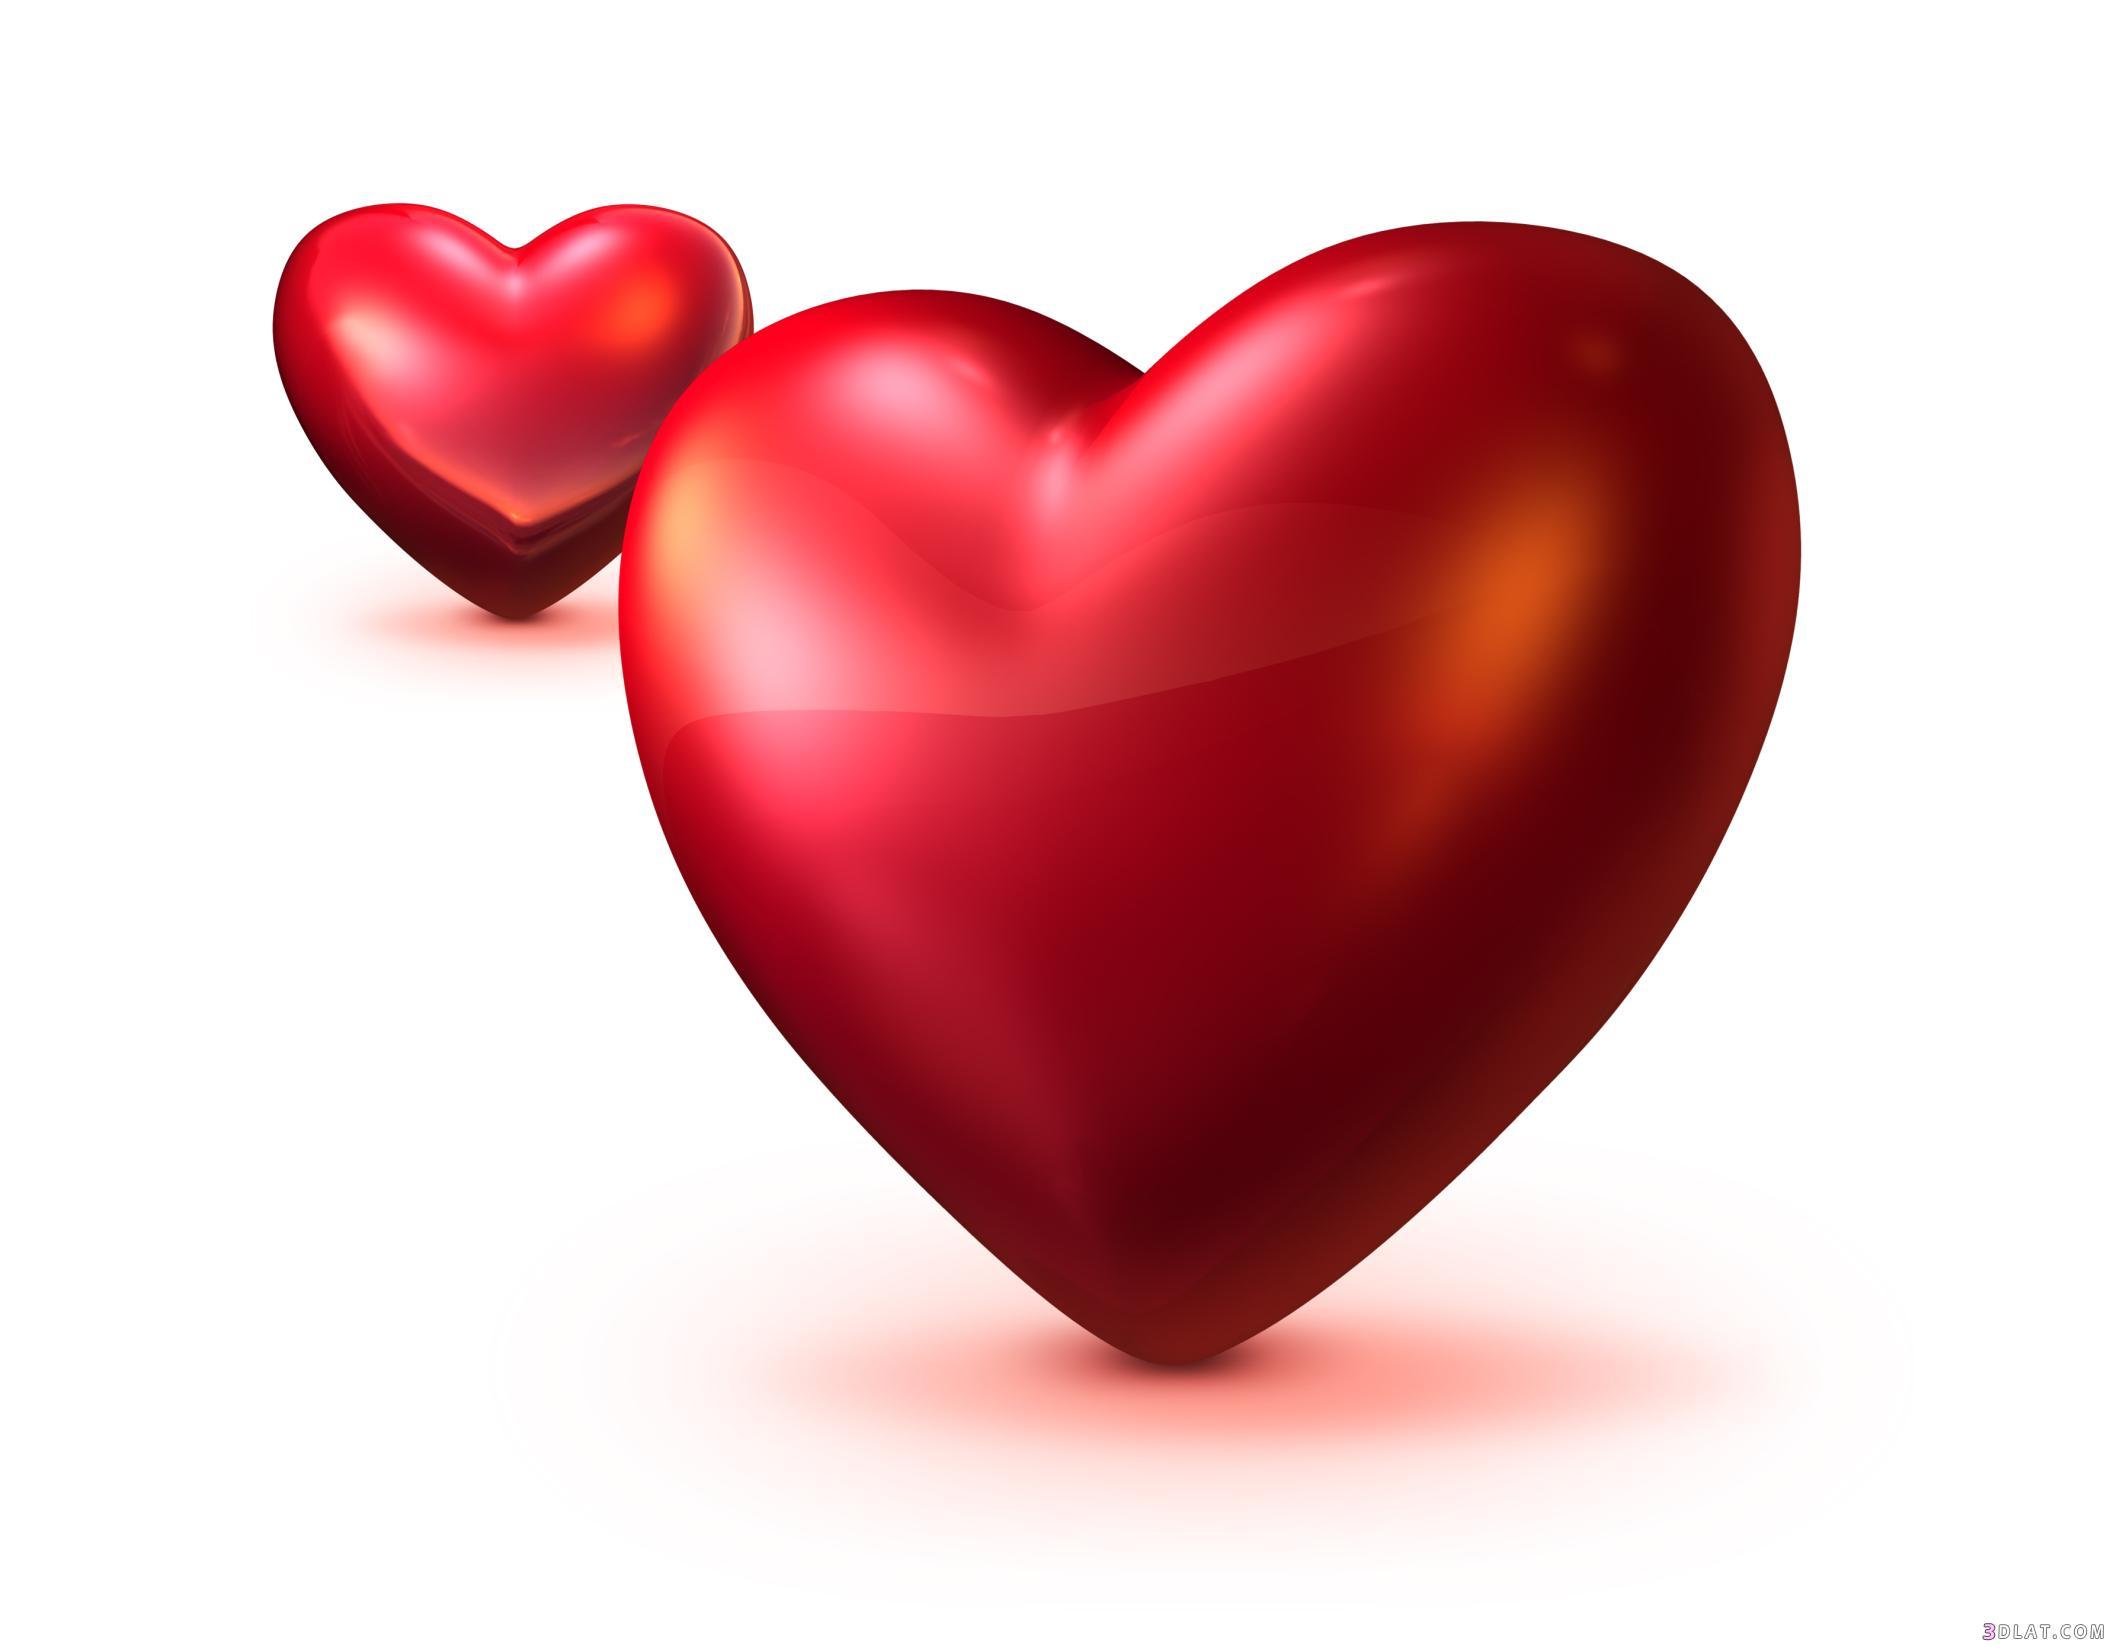 صوره صور قلوب حمراء كبيرة